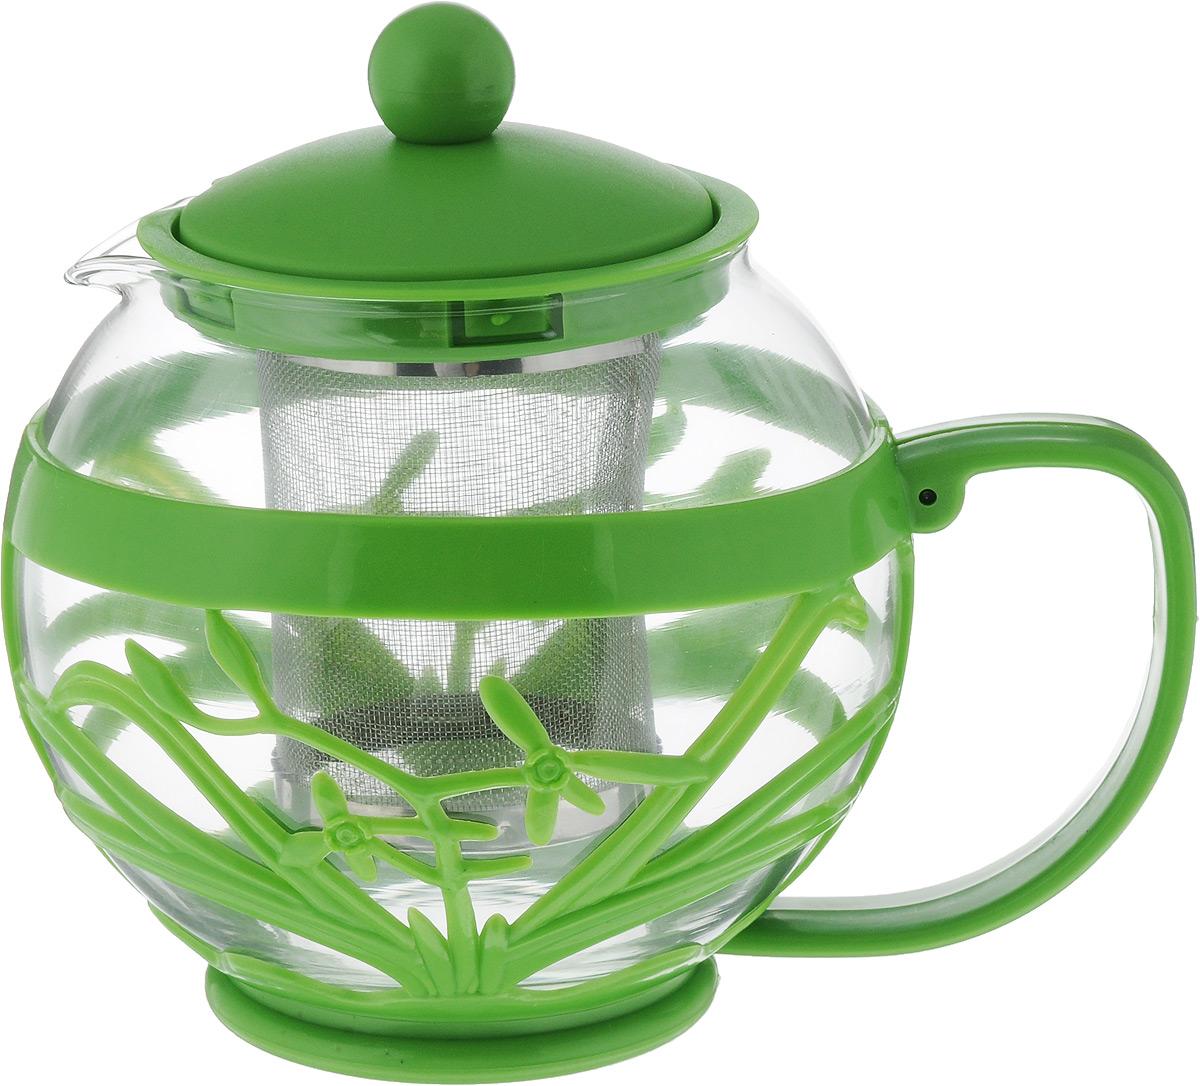 Чайник заварочный Menu Мелисса, с фильтром, цвет: прозрачный, зеленый, 750 млMLS-75_зеленыйЧайник Menu Мелисса изготовлен из прочного стекла и пластика. Он прекрасно подойдет для заваривания чая и травяных напитков. Классический стиль и оптимальный объем делают его удобным и оригинальным аксессуаром. Изделие имеет удлиненный металлический фильтр, который обеспечивает высокое качество фильтрации напитка и позволяет заварить чай даже при небольшом уровне воды. Ручка чайника не нагревается и обеспечивает безопасность использования. Нельзя мыть в посудомоечной машине. Диаметр чайника (по верхнему краю): 8 см.Высота чайника (без учета крышки): 11 см.Размер фильтра: 6 х 6 х 7,2 см.